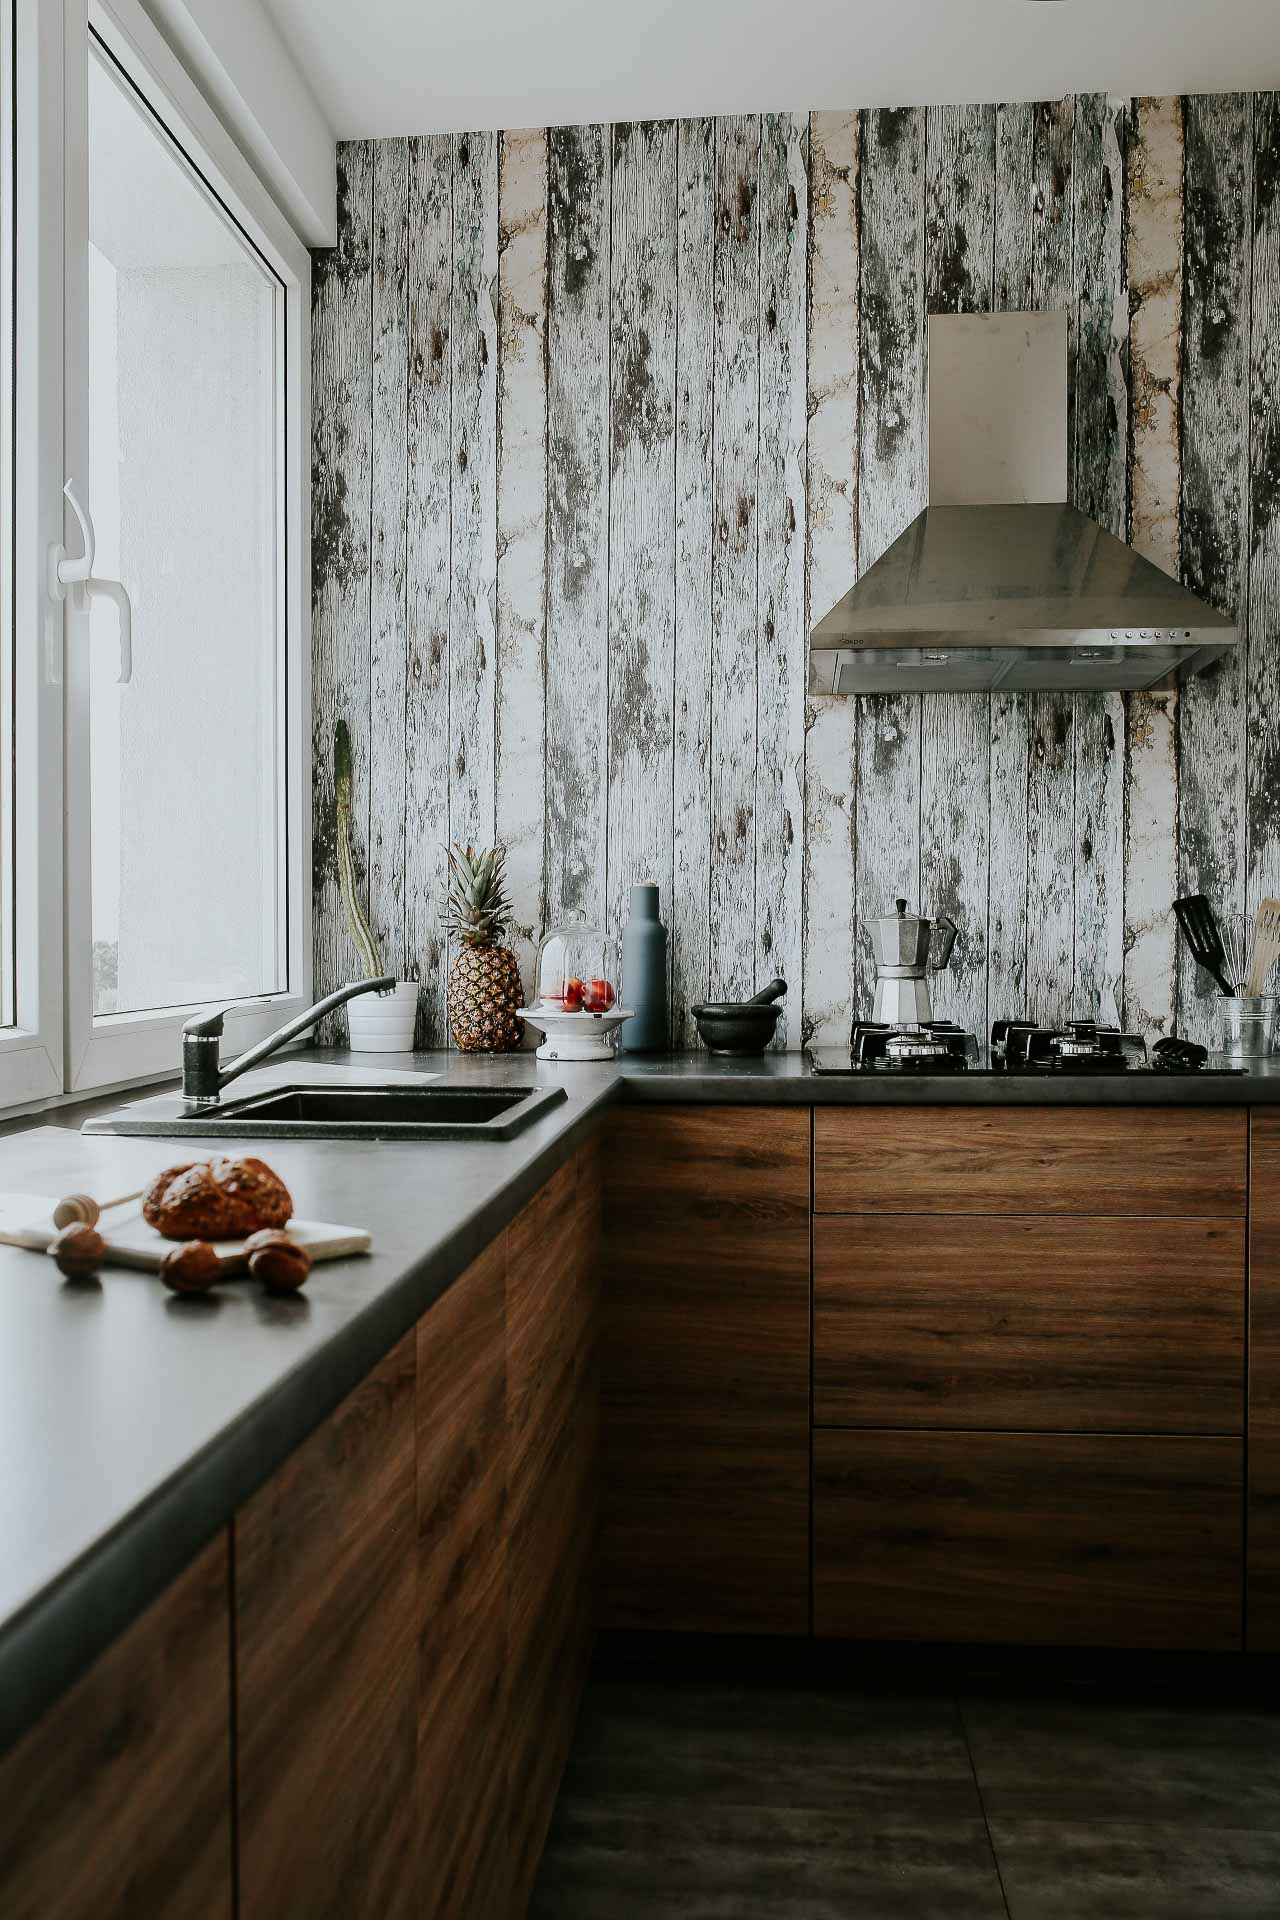 køkken møbler produktfoto